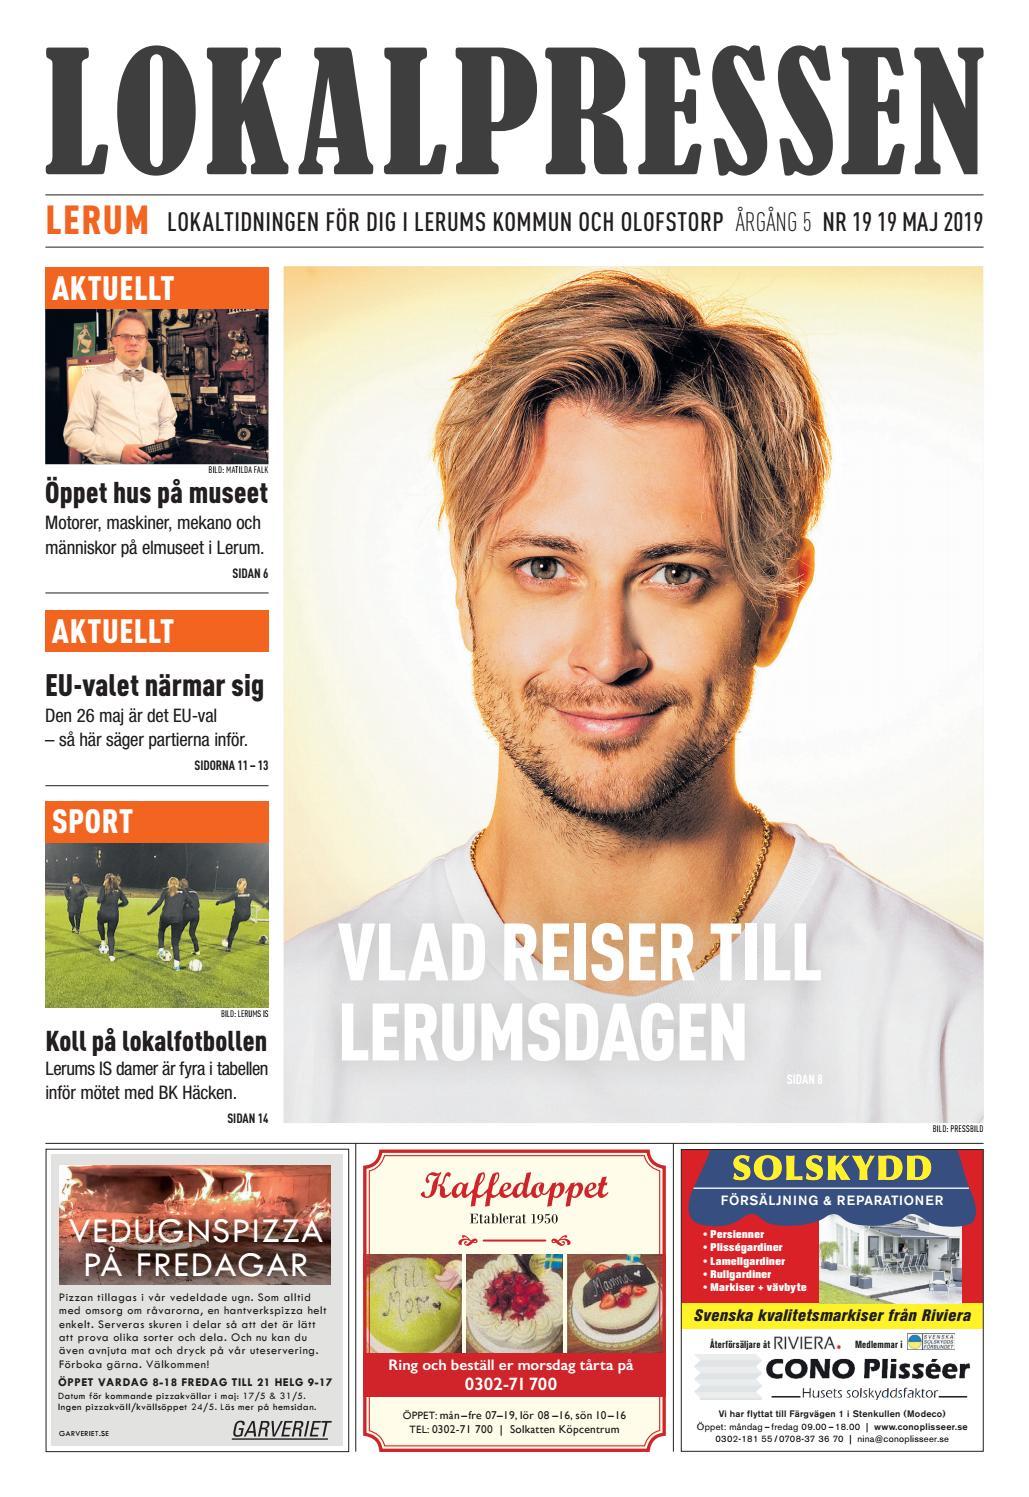 Jimmy Ekholm, Kullgrdsvgen 19D, Lerum | unam.net